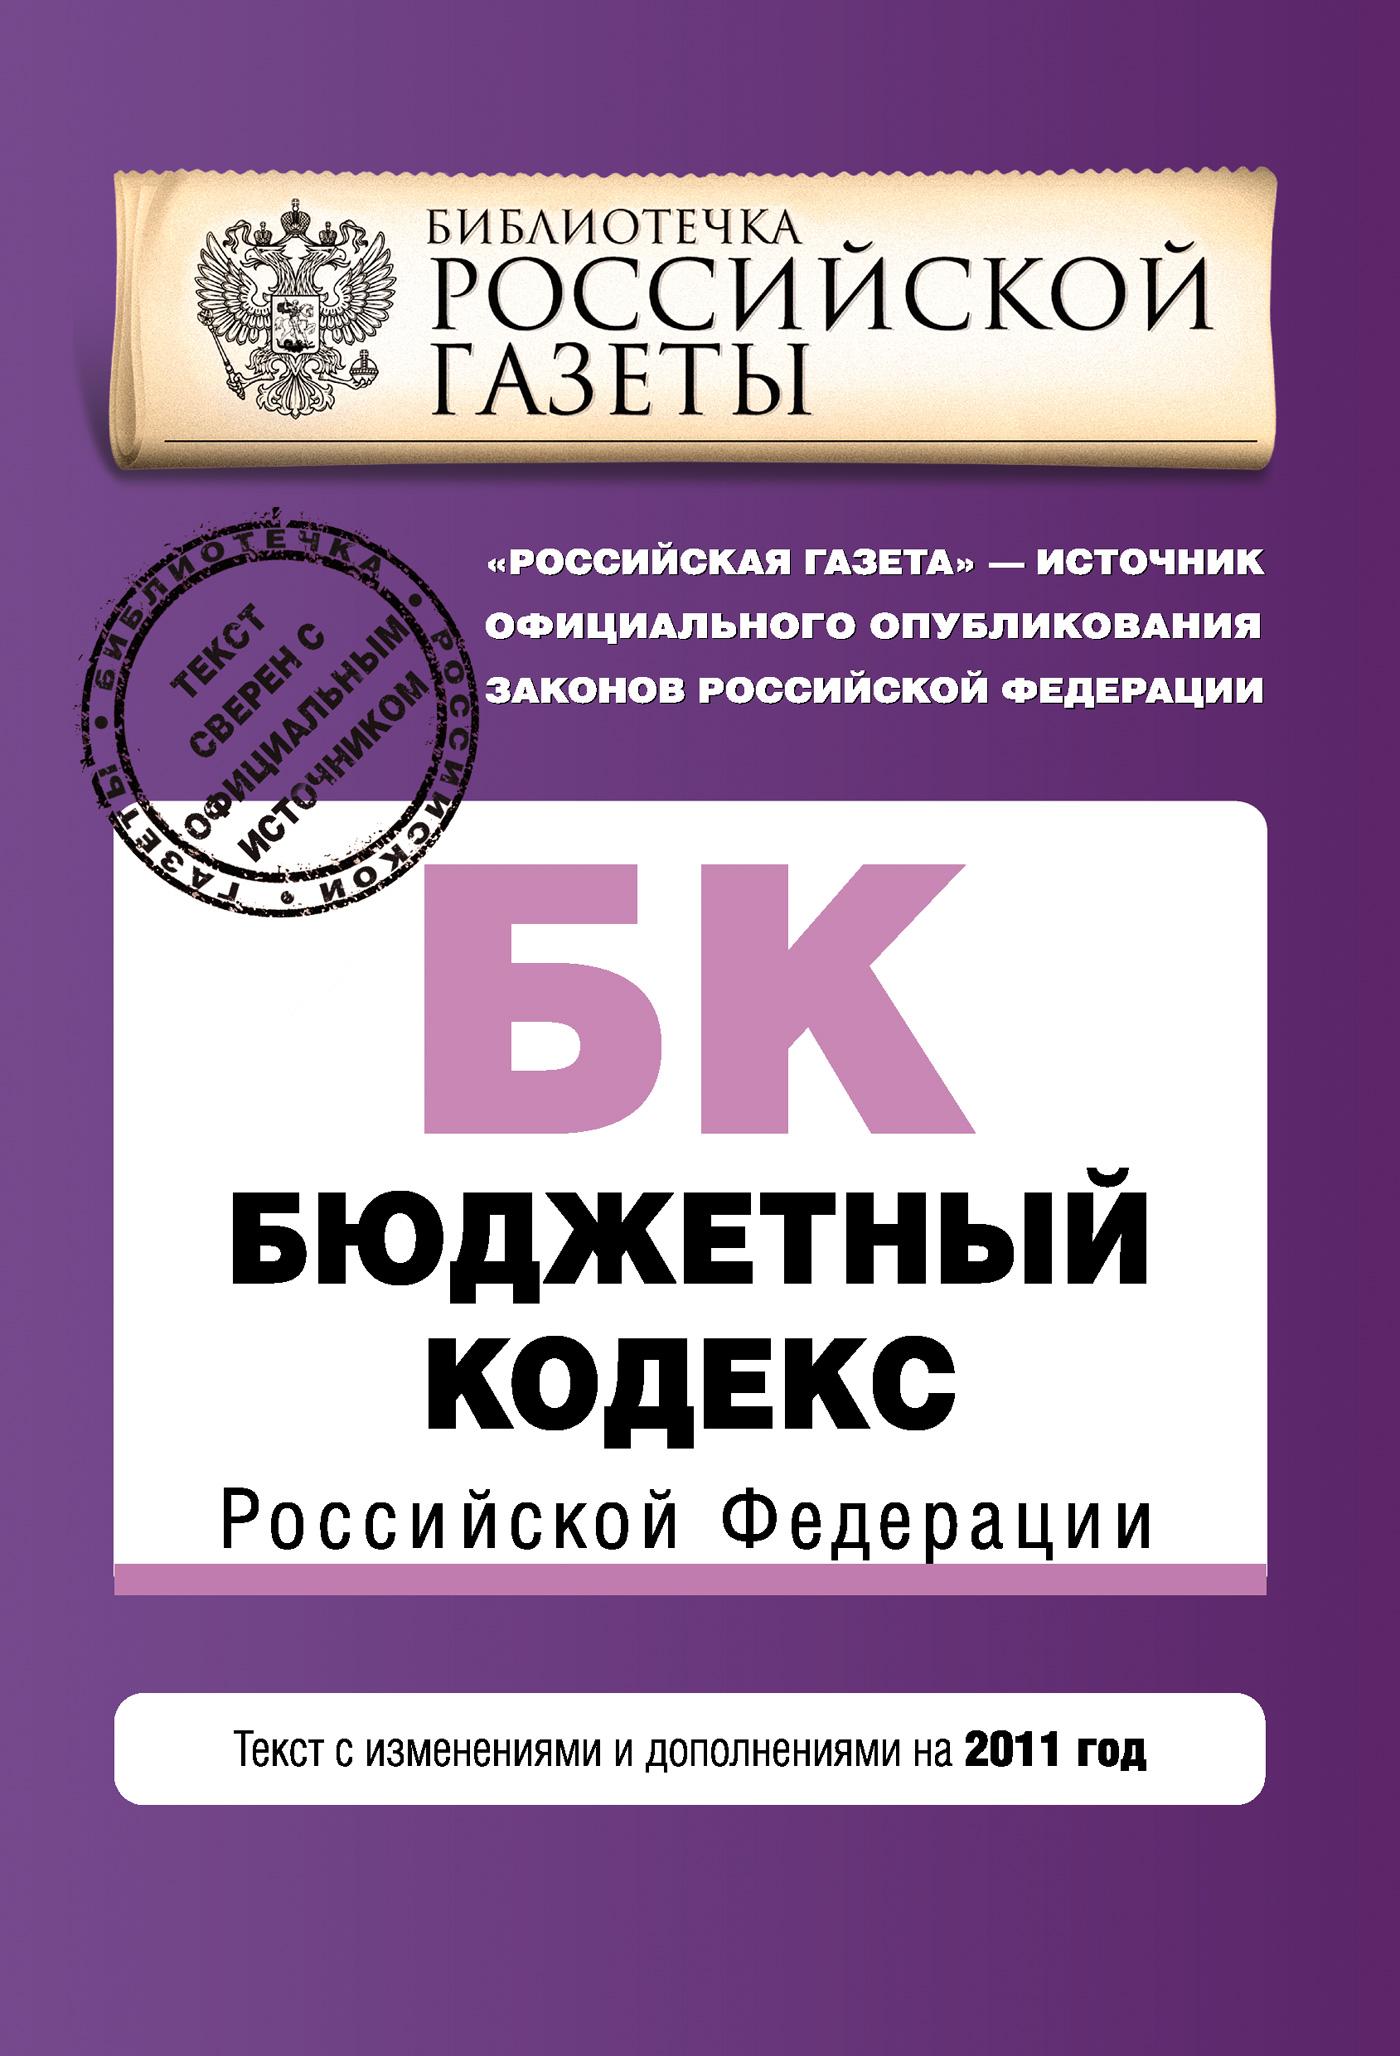 Коллектив авторов Бюджетный кодекс Российской Федерации. Текст с изменениями и дополнениями на 2011 год